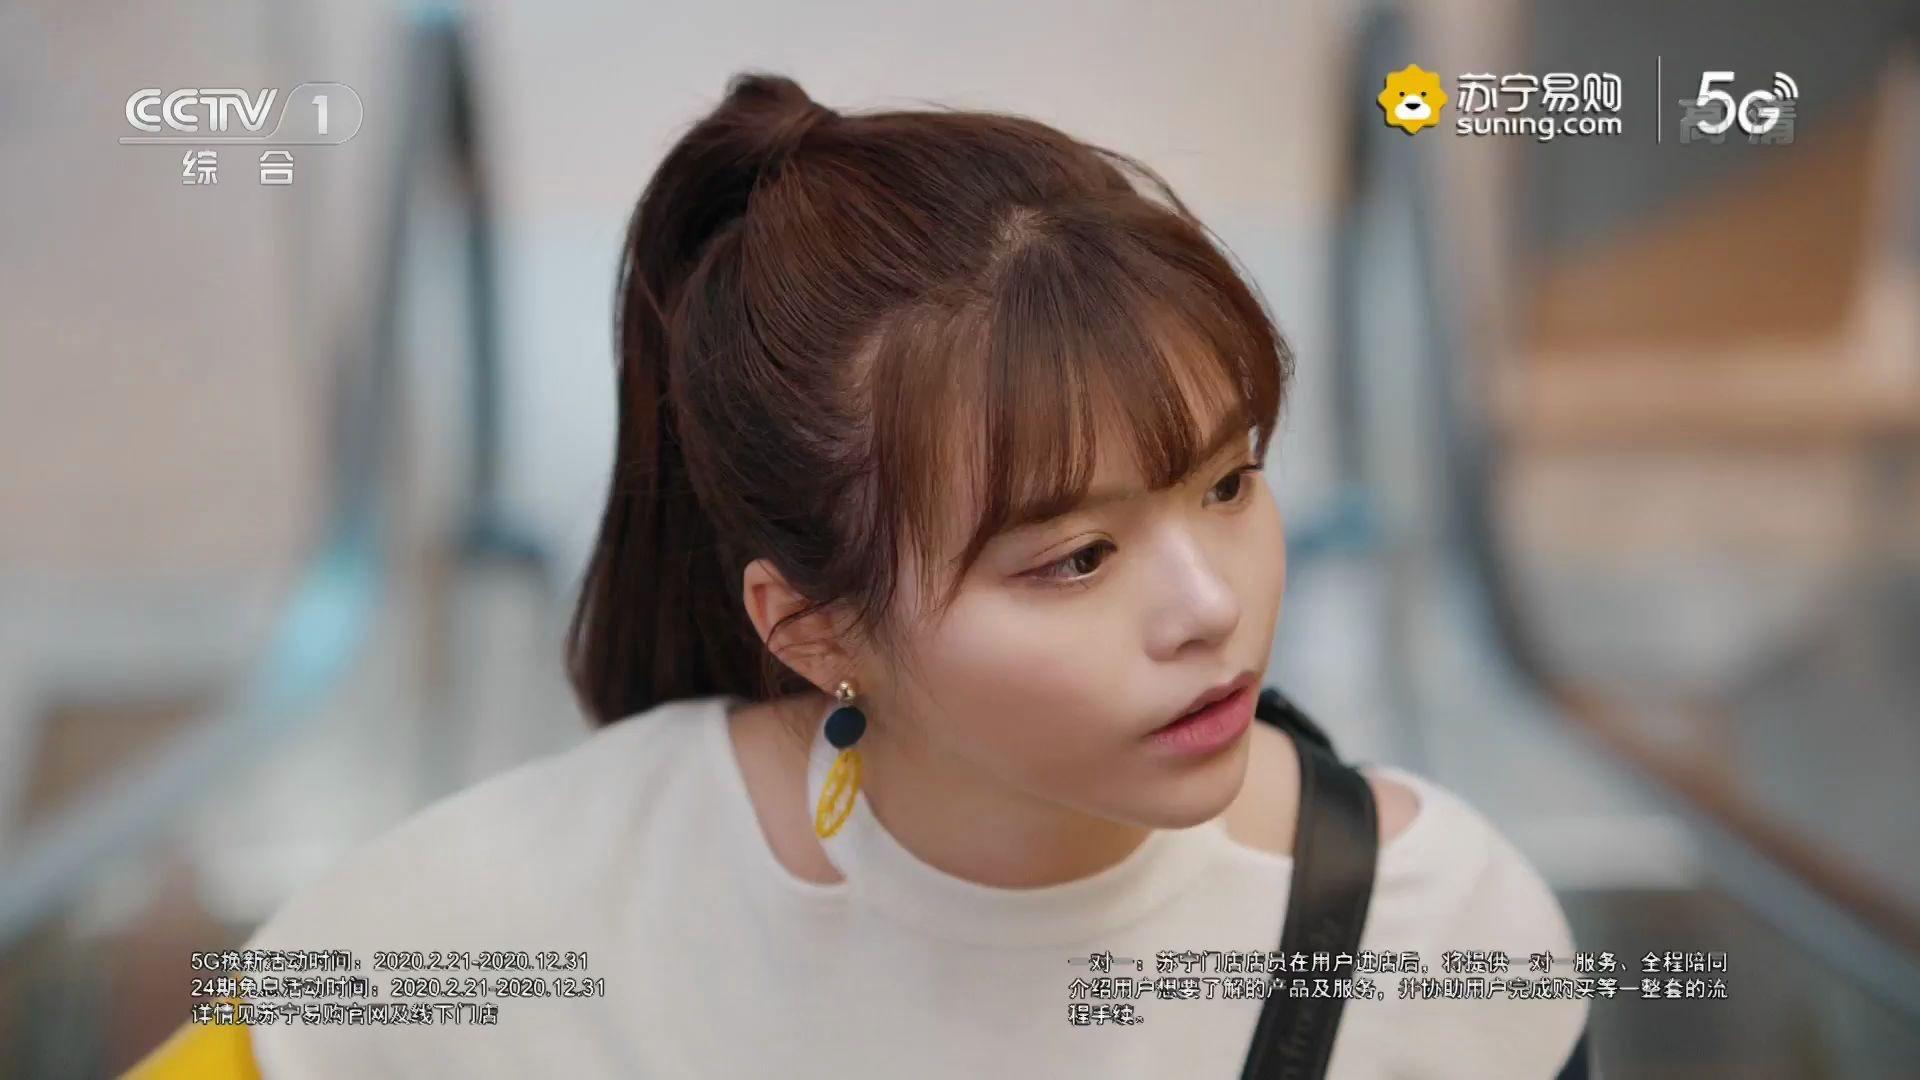 央视广告欣赏-苏宁易购-5